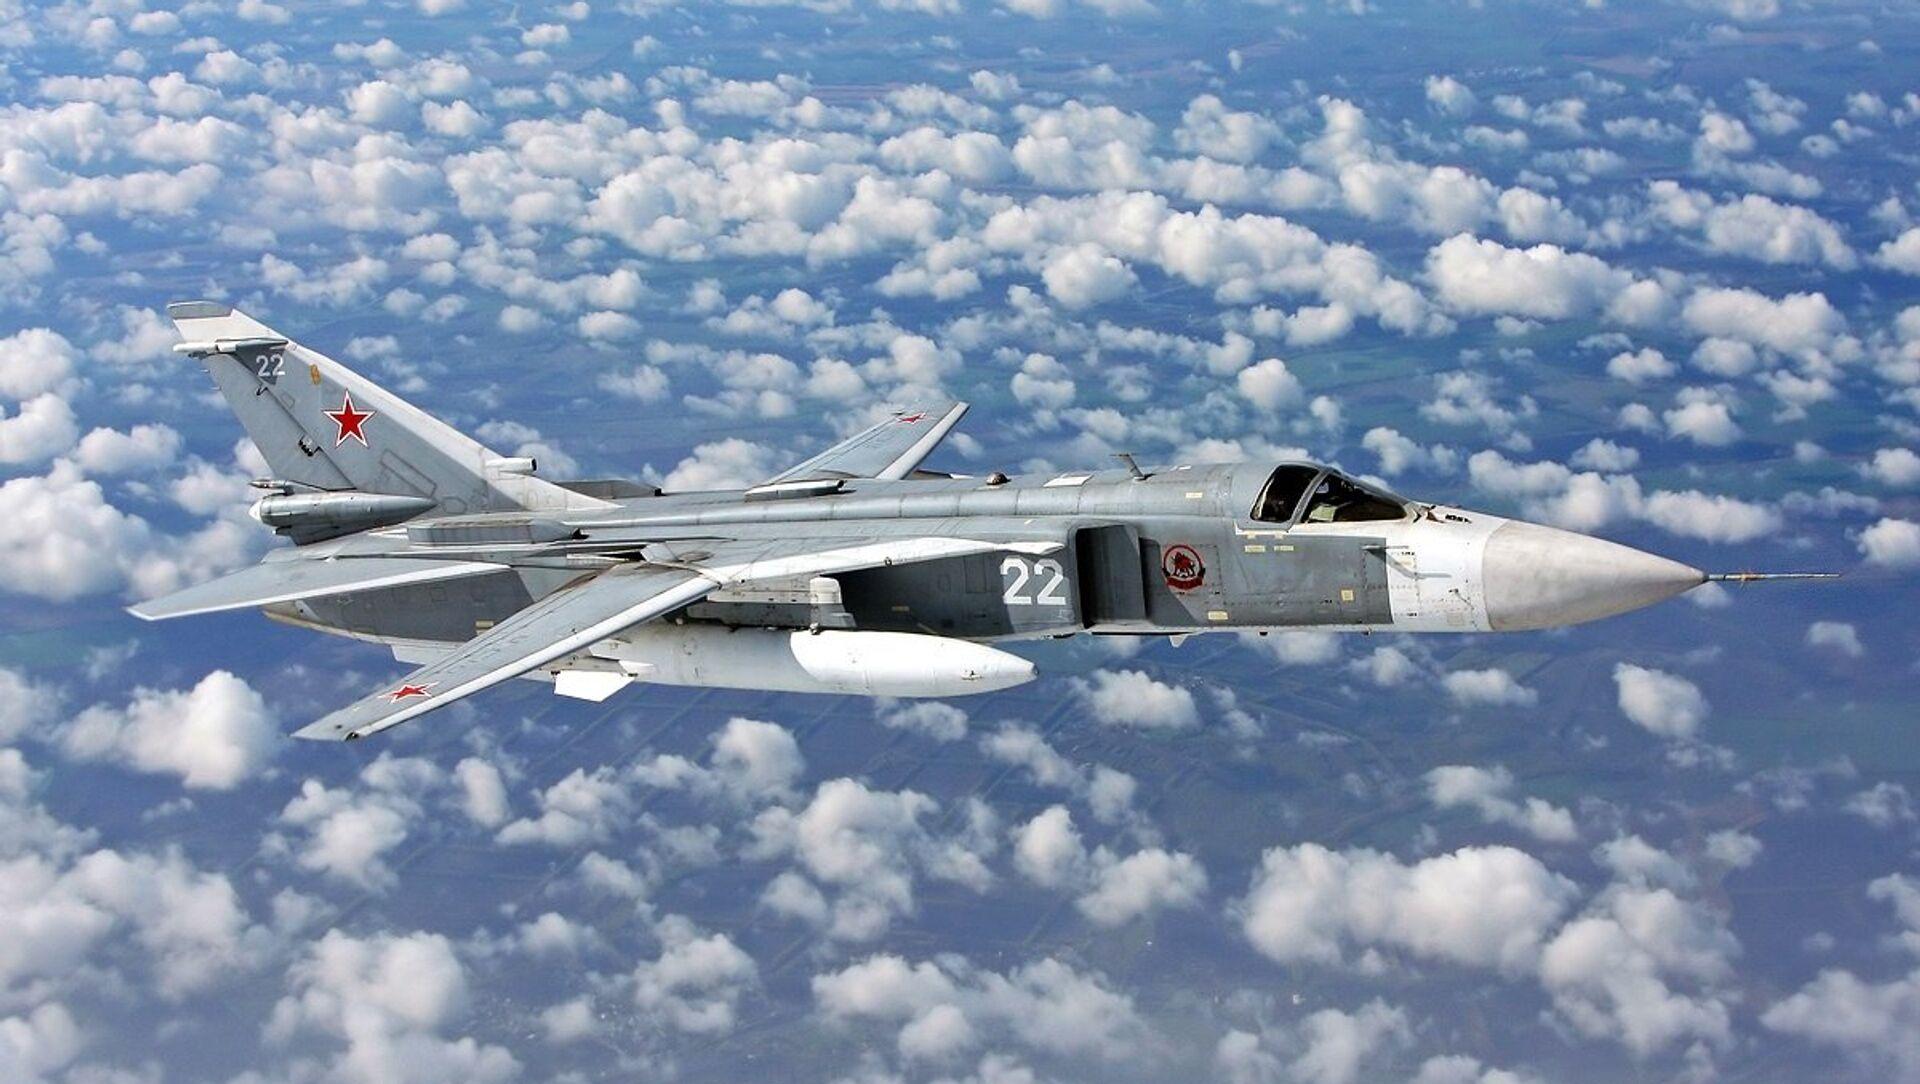 Сухој СУ-24 руски војни авион - Sputnik Србија, 1920, 08.07.2021